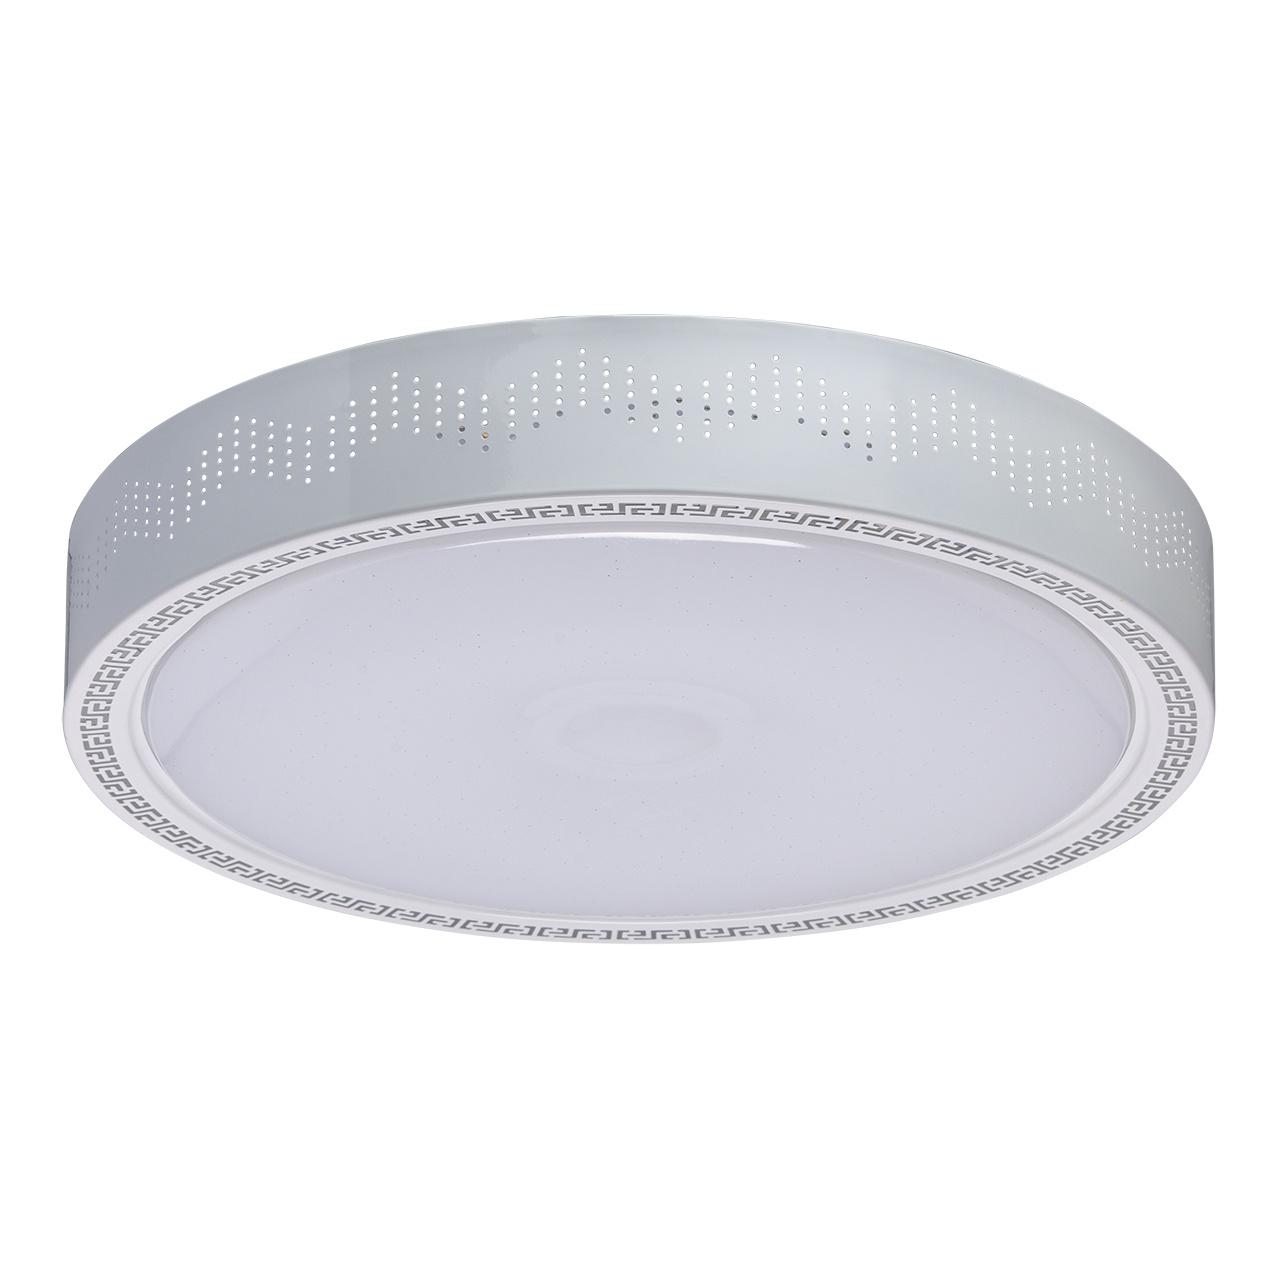 купить Потолочный светодиодный светильник MW-Light Ривз 674012001 дешево